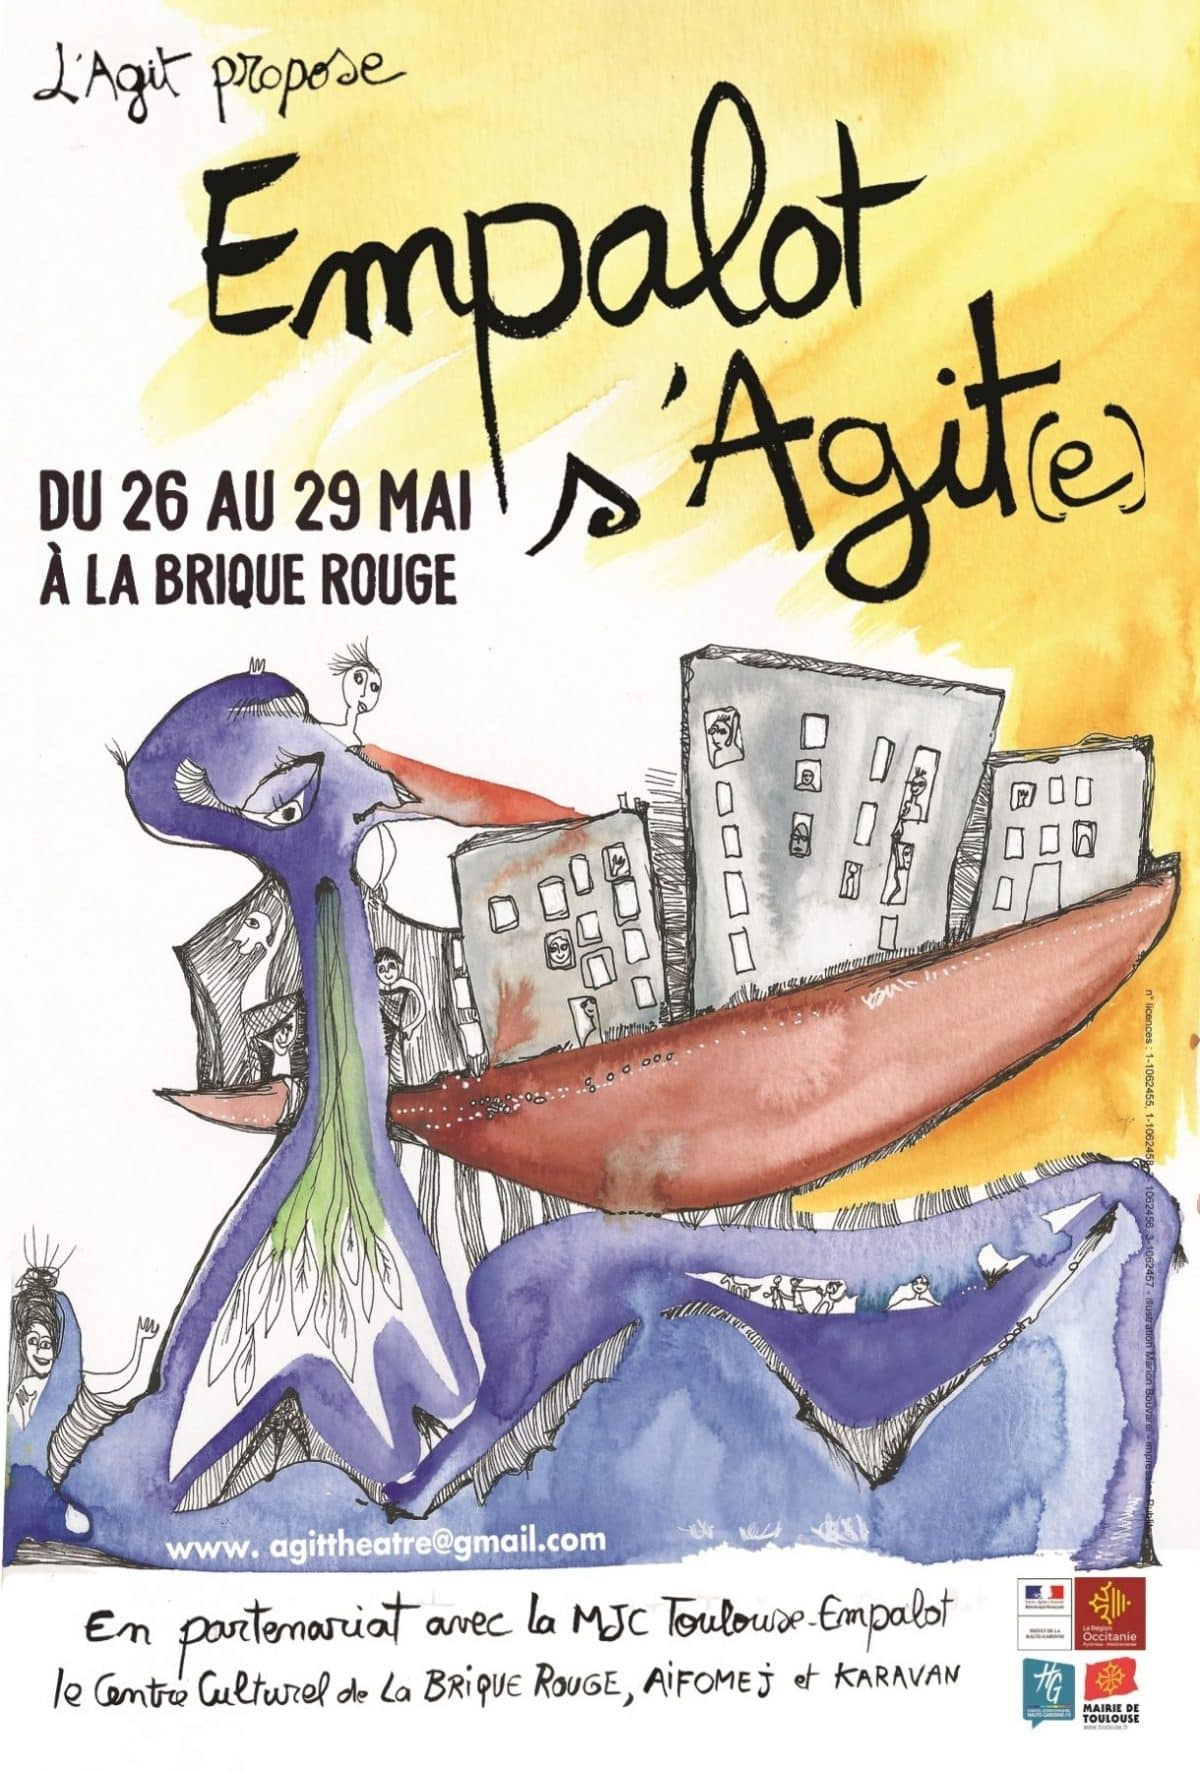 Agit_Empalot-s-Agite2021_affiche01_© Marion Bouvarel